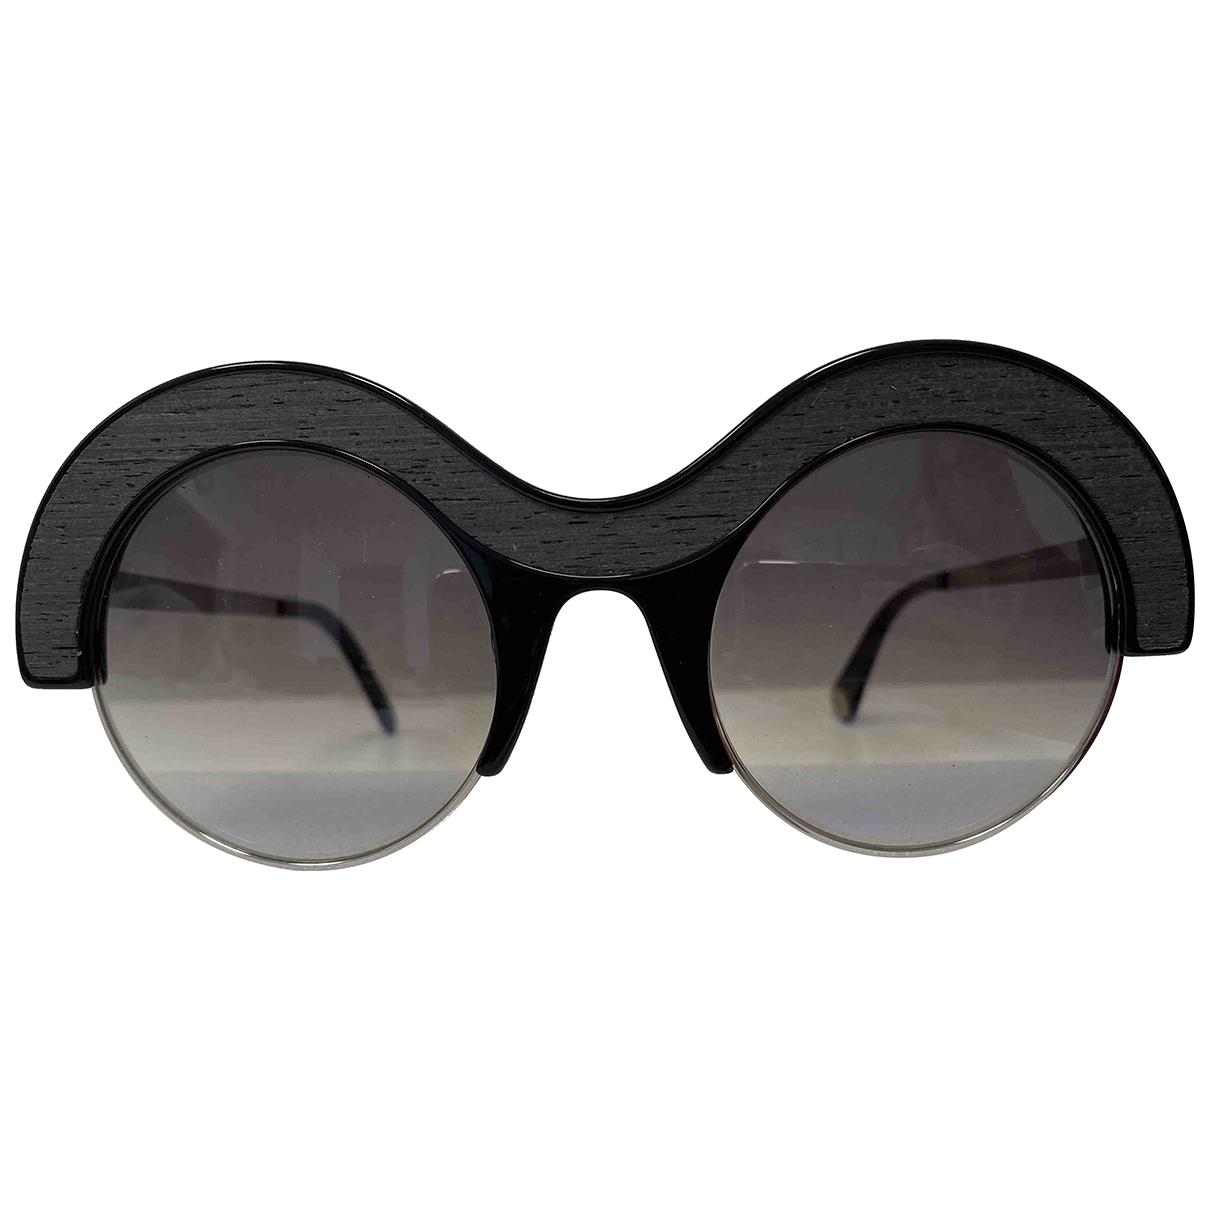 Gafas oversize Conservatoire International De Lunettes